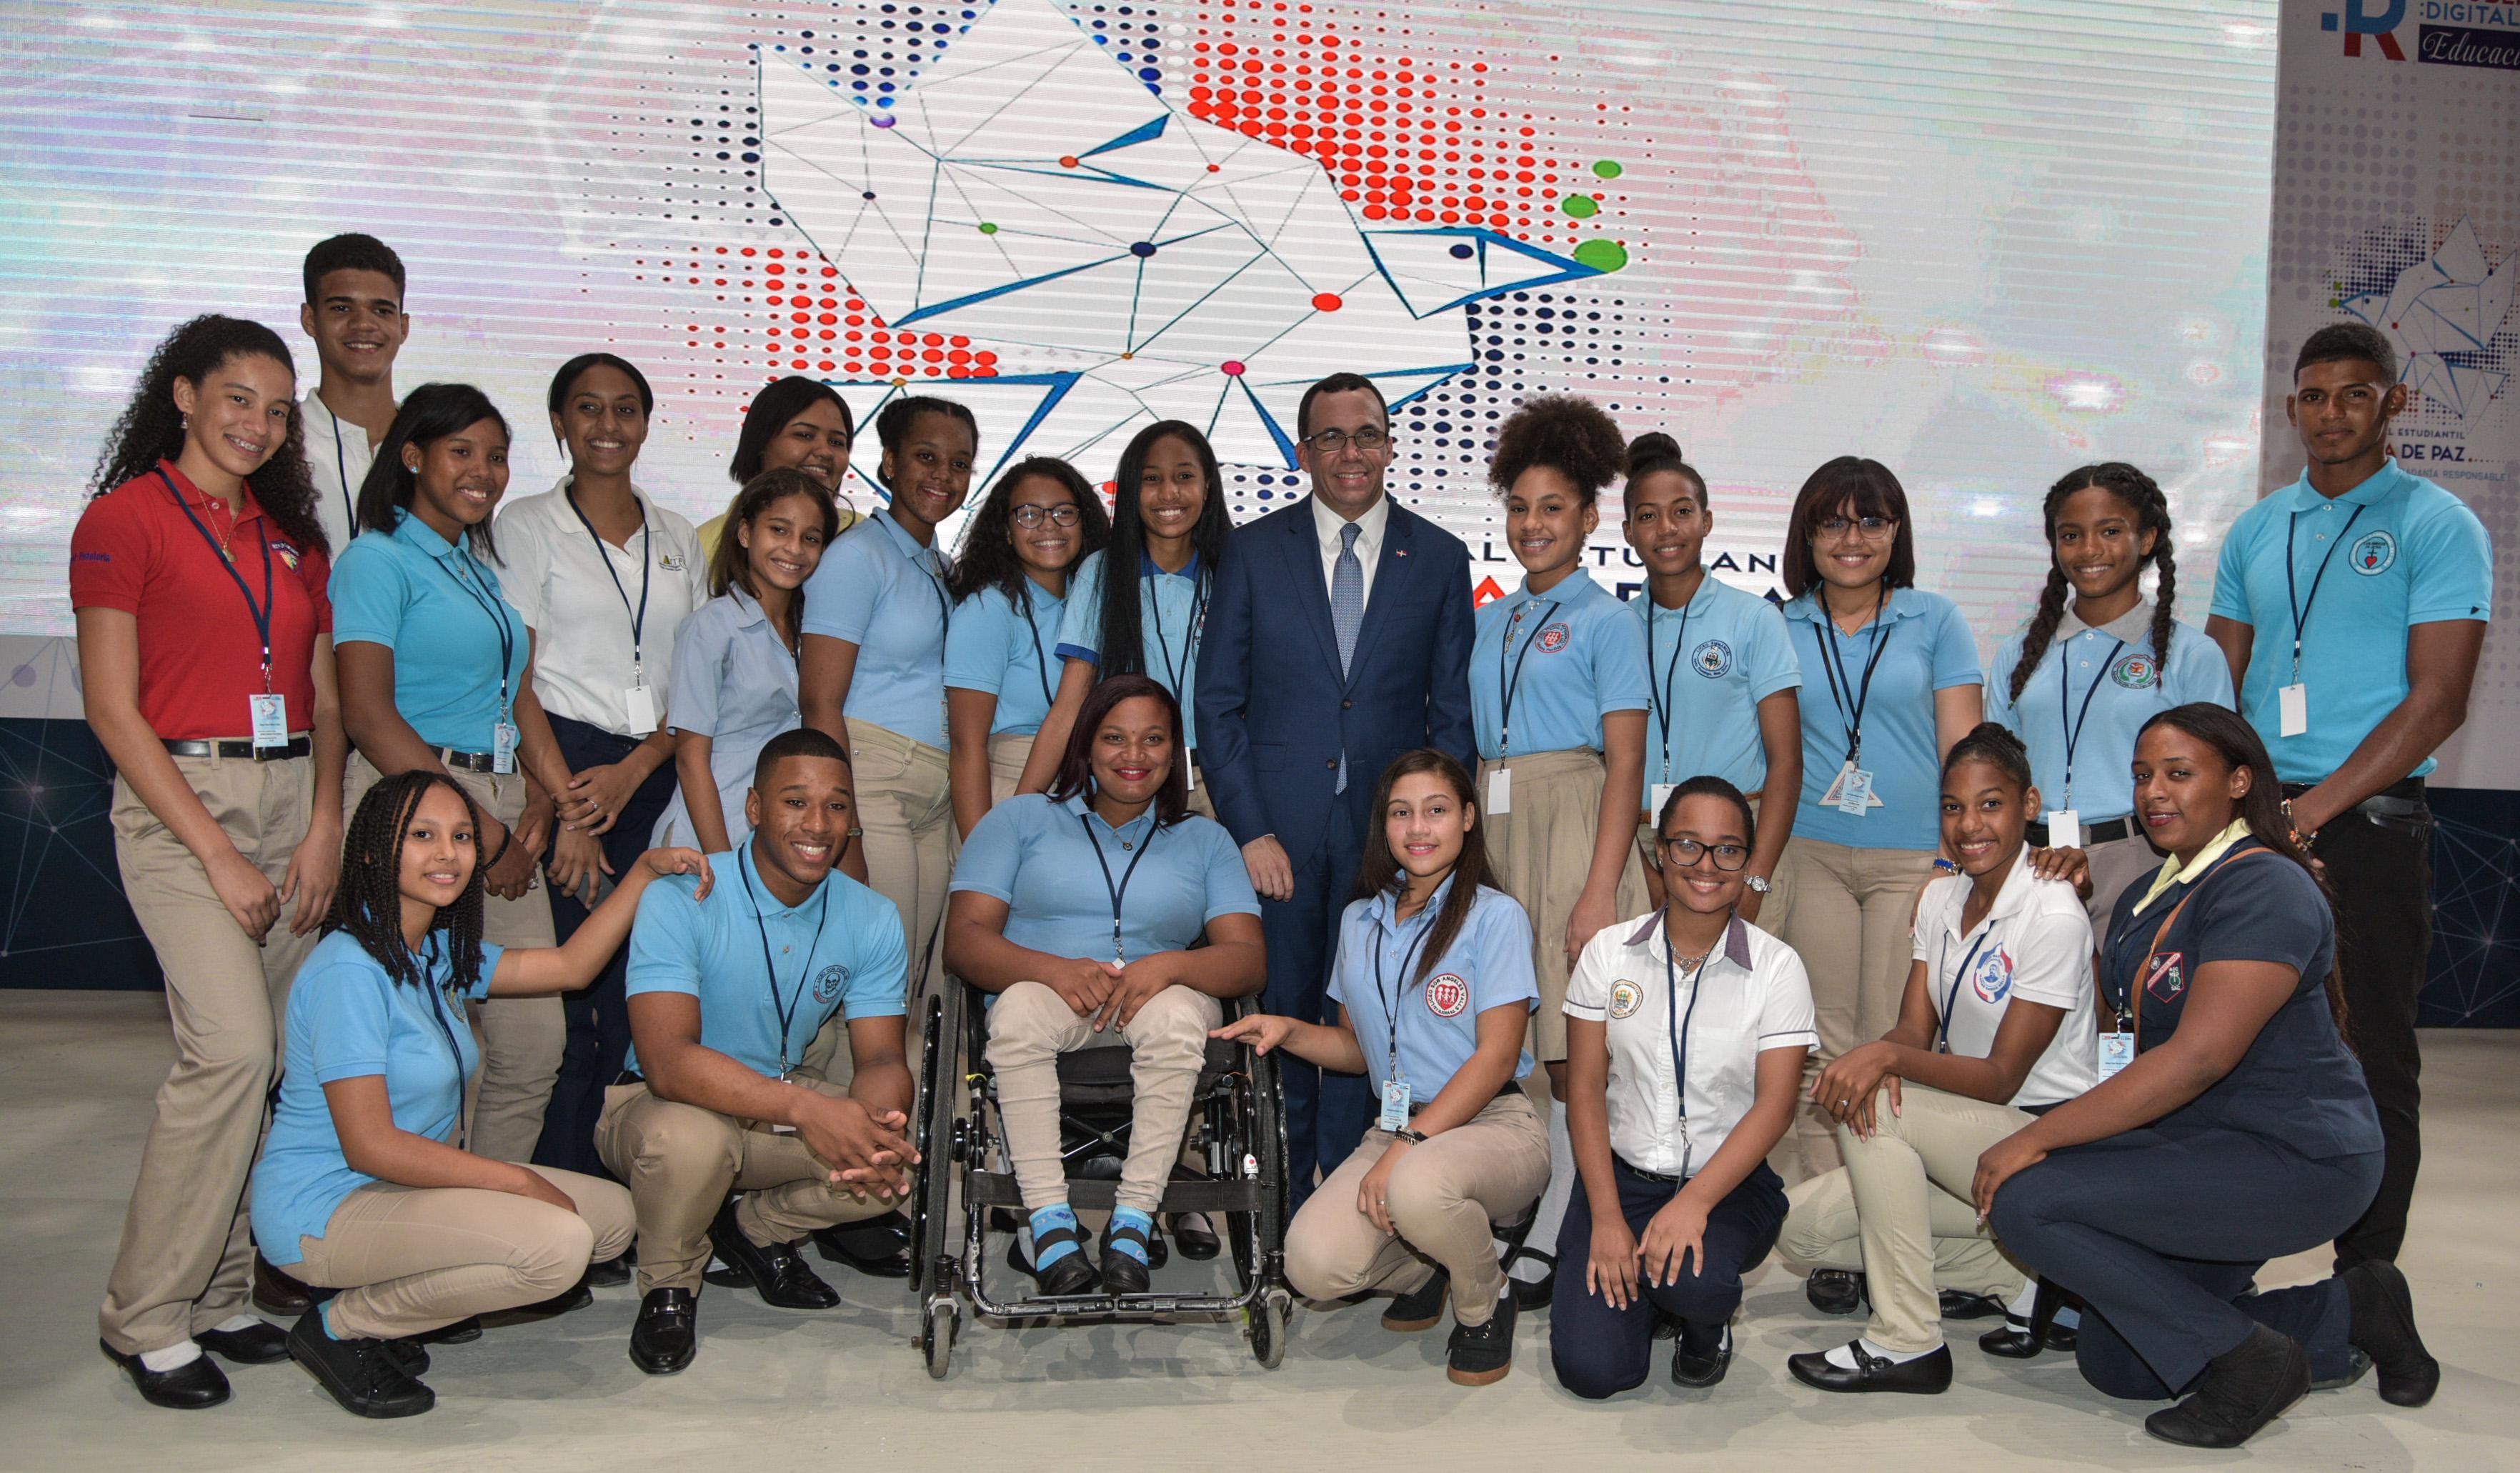 imagen Ministro Andres Navarro de pie junto a estudiantes de condicion especial dejan inaugurado el Foro Nacional Estudiantil por una Cultura de Paz